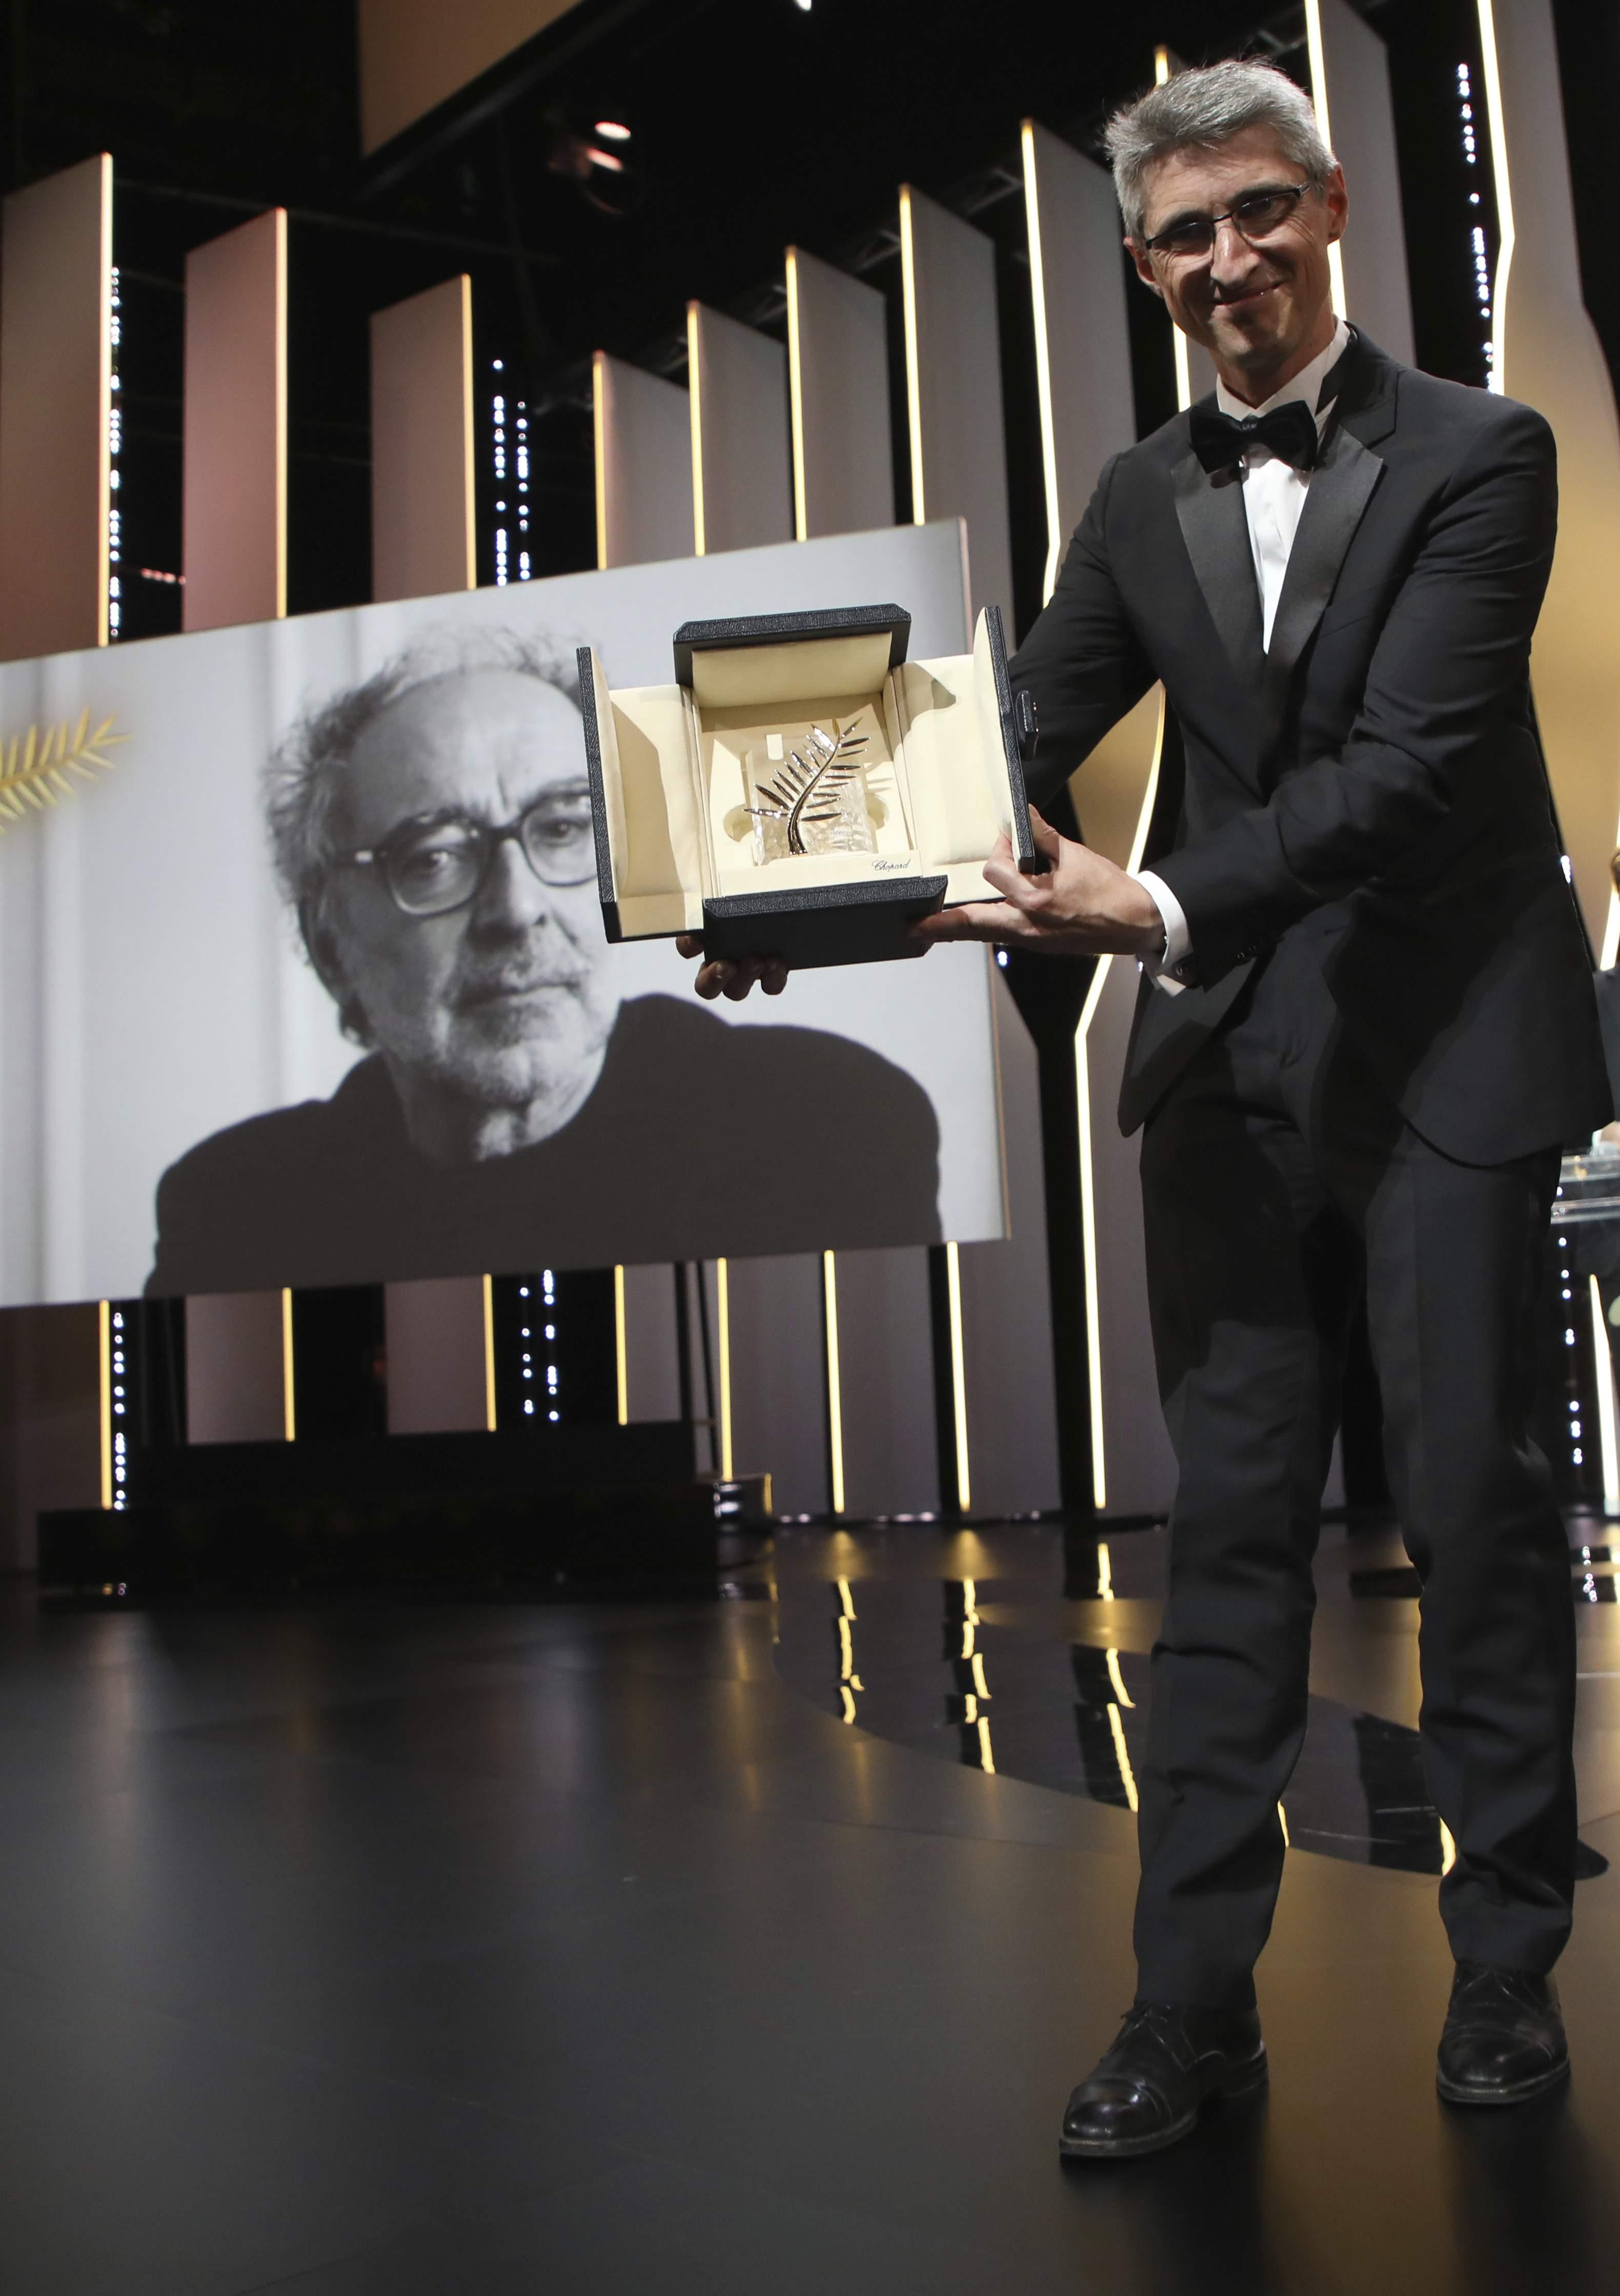 Giải Cành cọ vàng đặc Biệt): Đạo diễn Jean-Luc Godard (Pháp) với phim The Image Book (Cuốn sách hình họa). Trong ảnh: nhà quay phim Fabrice Aragno (phải) nhận thay giải thưởng.